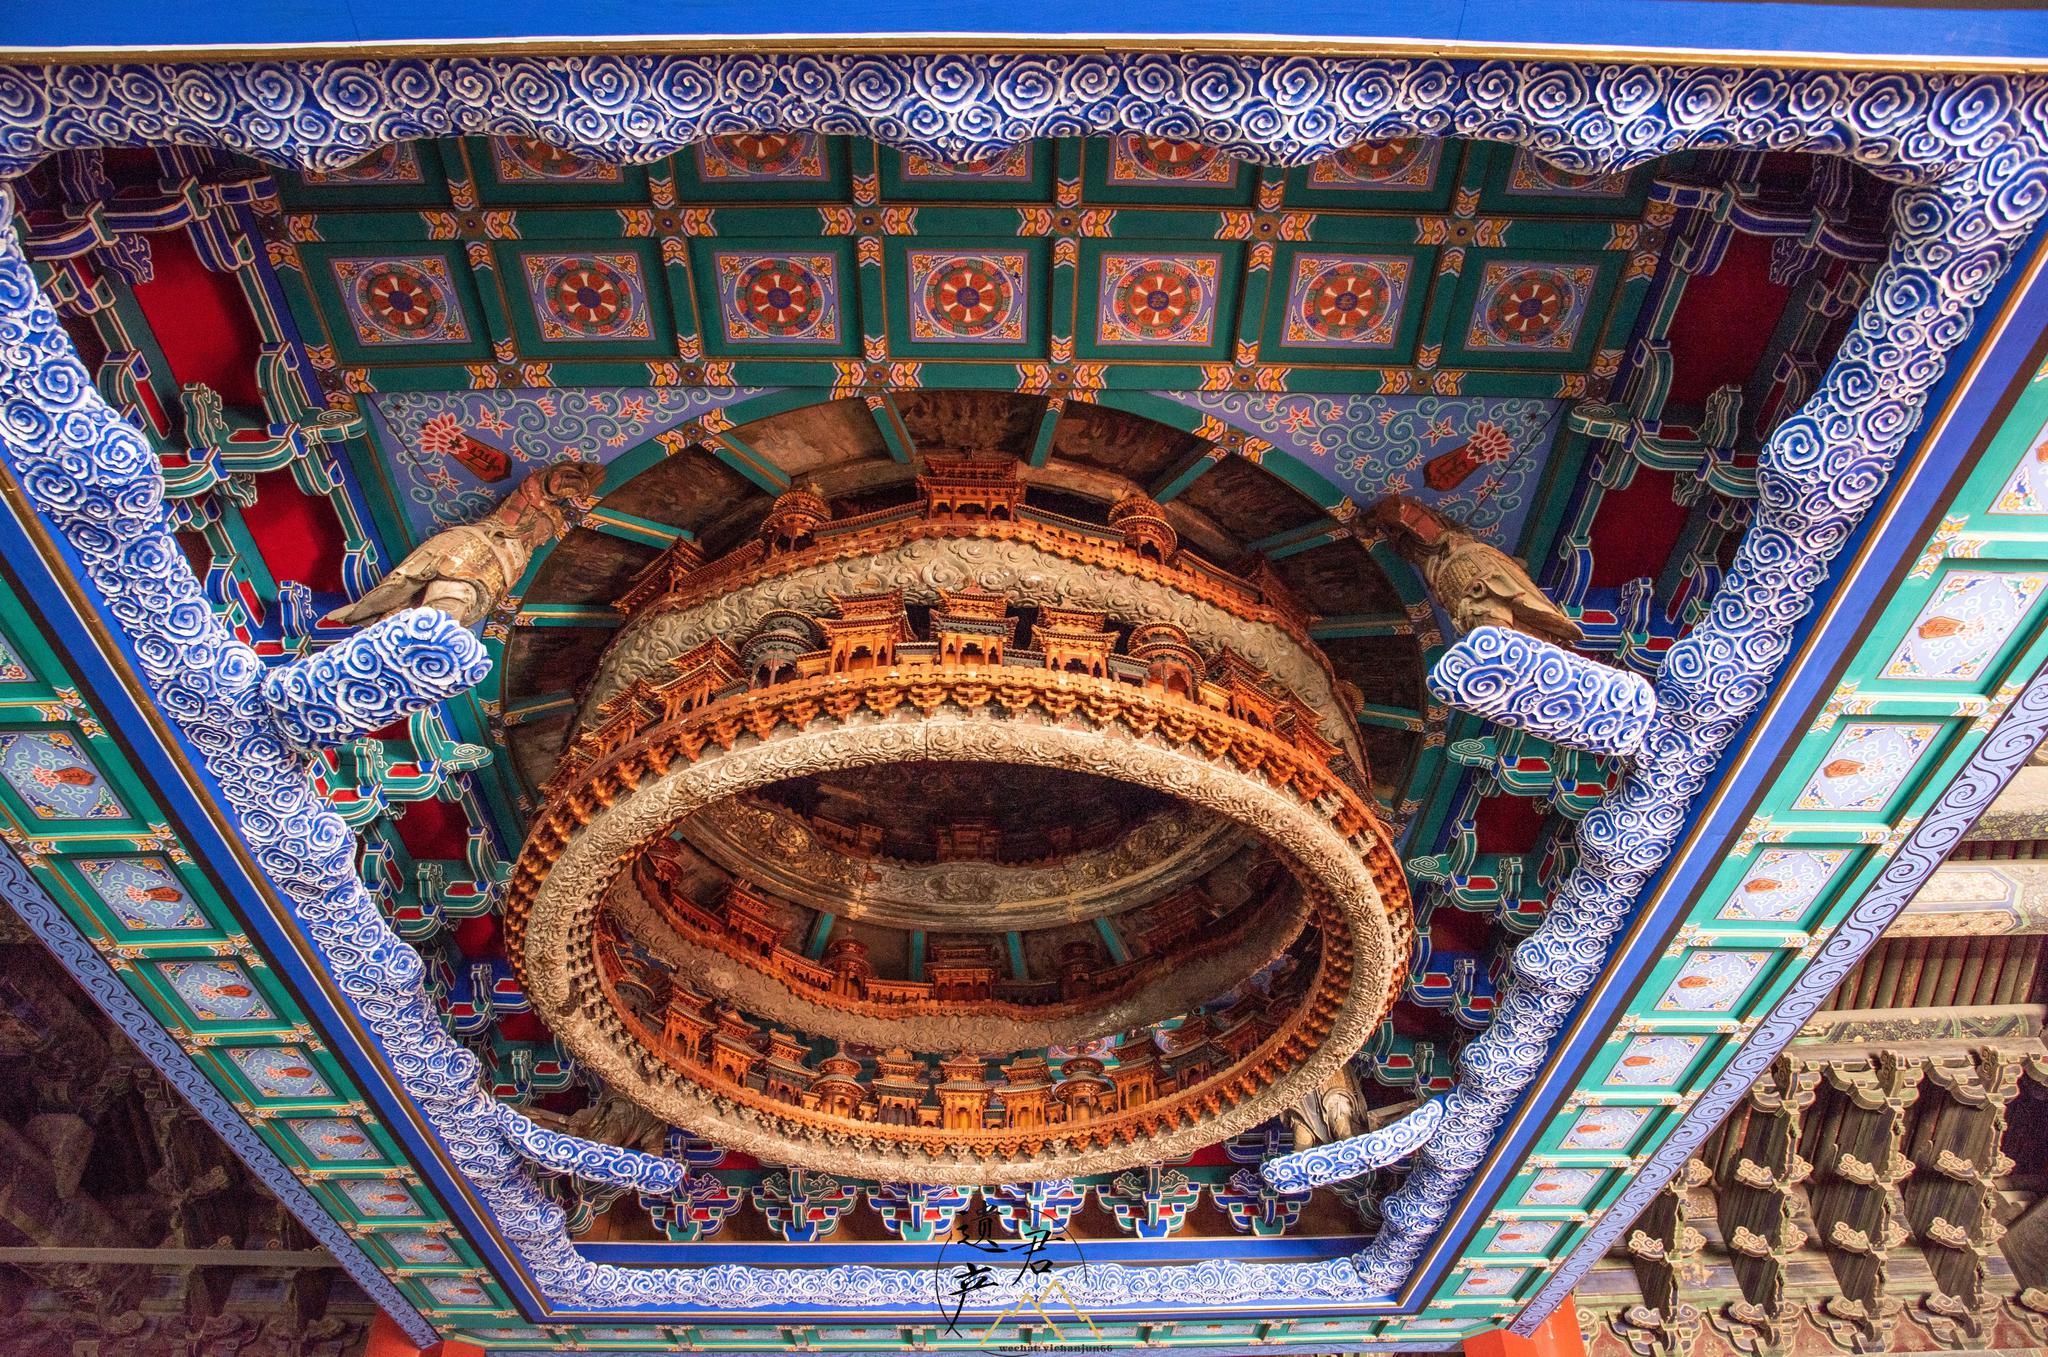 北京古建筑博物馆收藏了一件明代隆福寺正觉殿的藻井